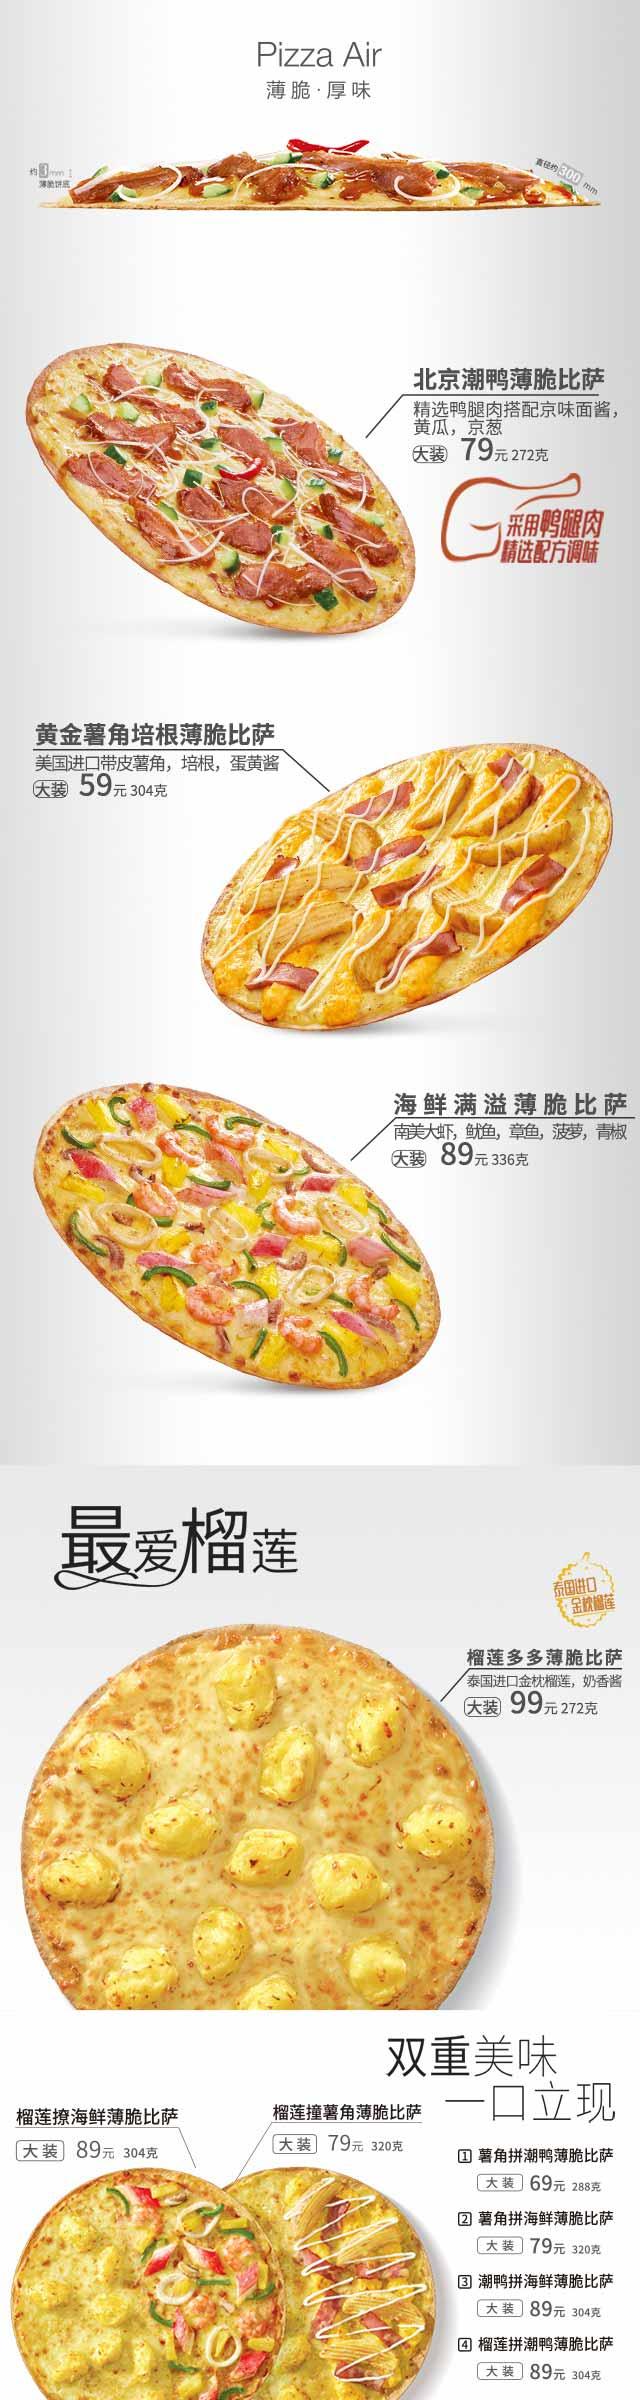 必胜客Pizza Air薄脆·厚味比萨59元起 有效期至:2018年5月20日 www.5ikfc.com